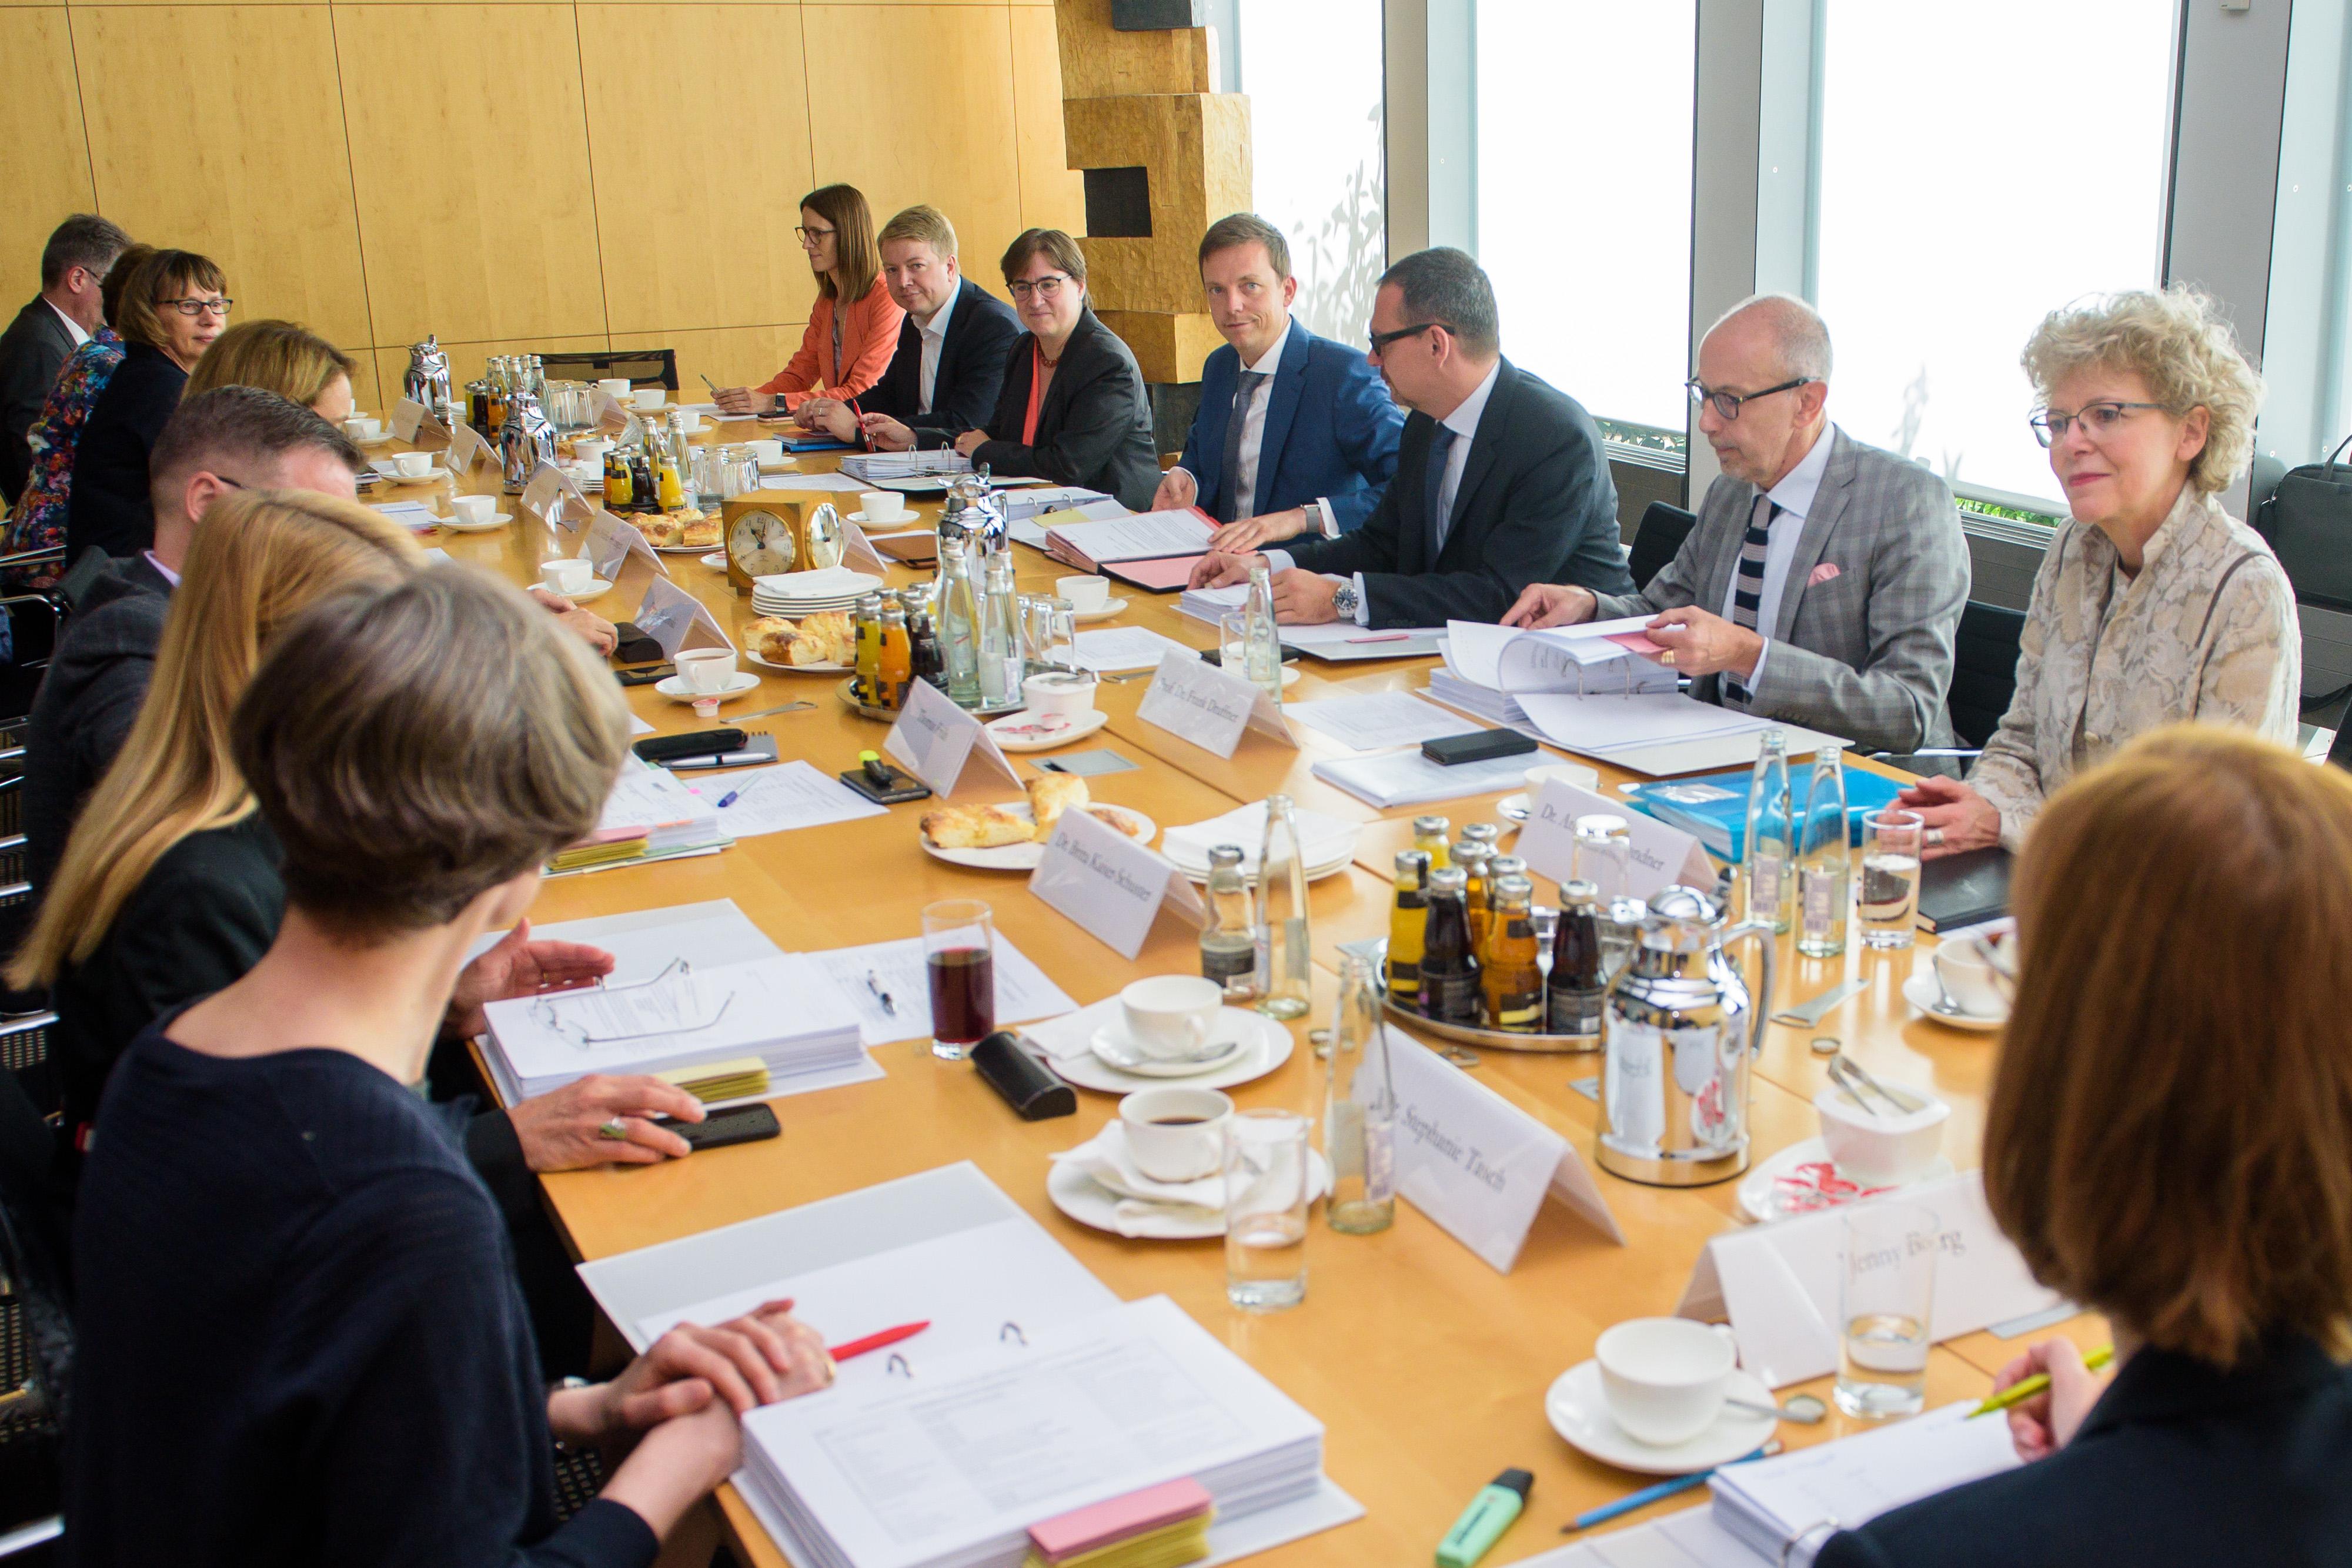 Der saarländische Ministerpräsidenten Tobias Hans (CDU) empfängt den Stiftungsrat der Kulturstiftung der Länder am 28.06.2018 in der saarländischen Staatskanzlei in Saarbrücken.